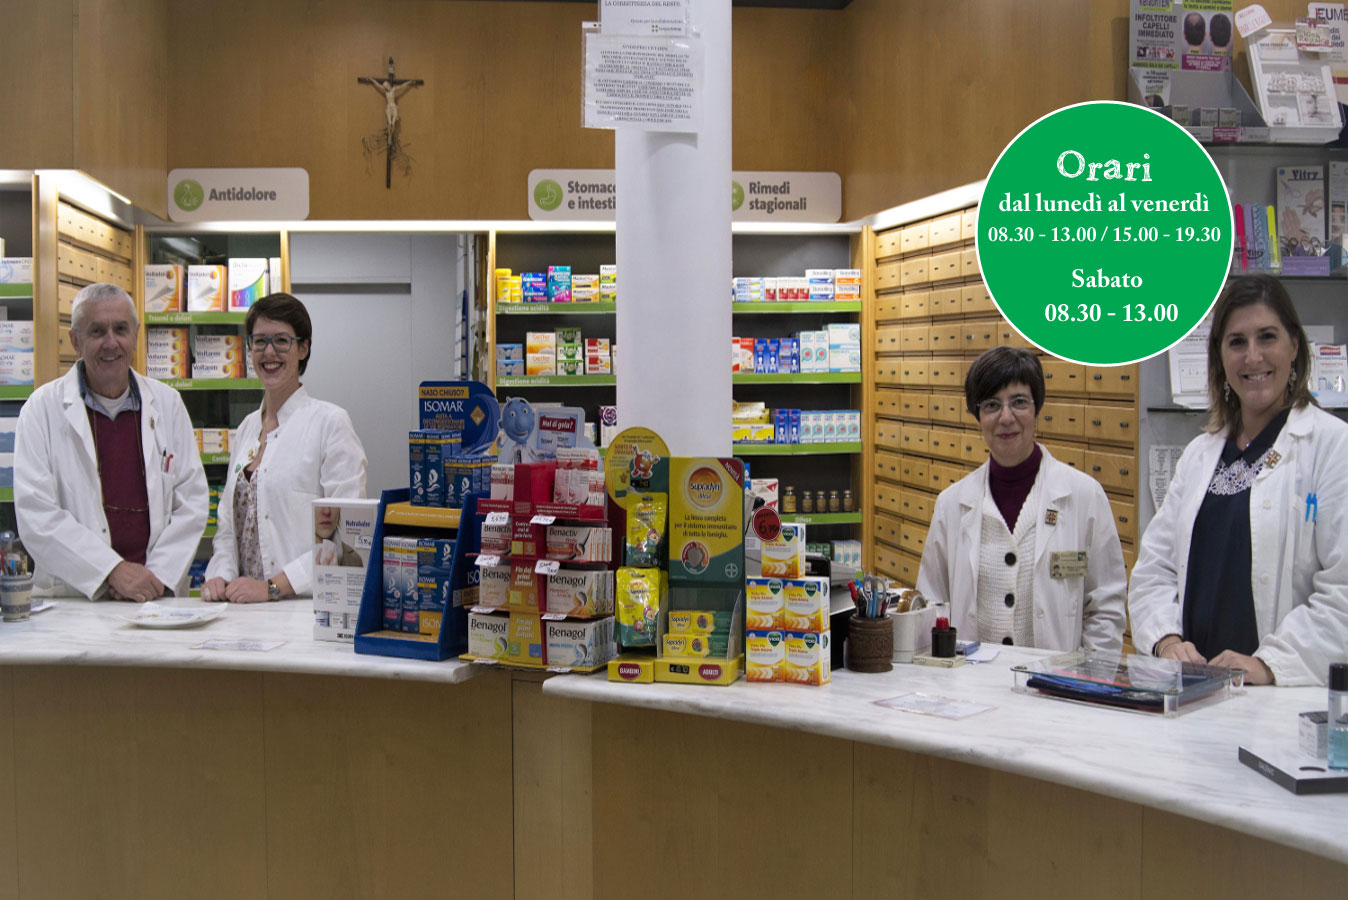 Farmaci Tradizionali Farmacia Ambrogi a Piacenza